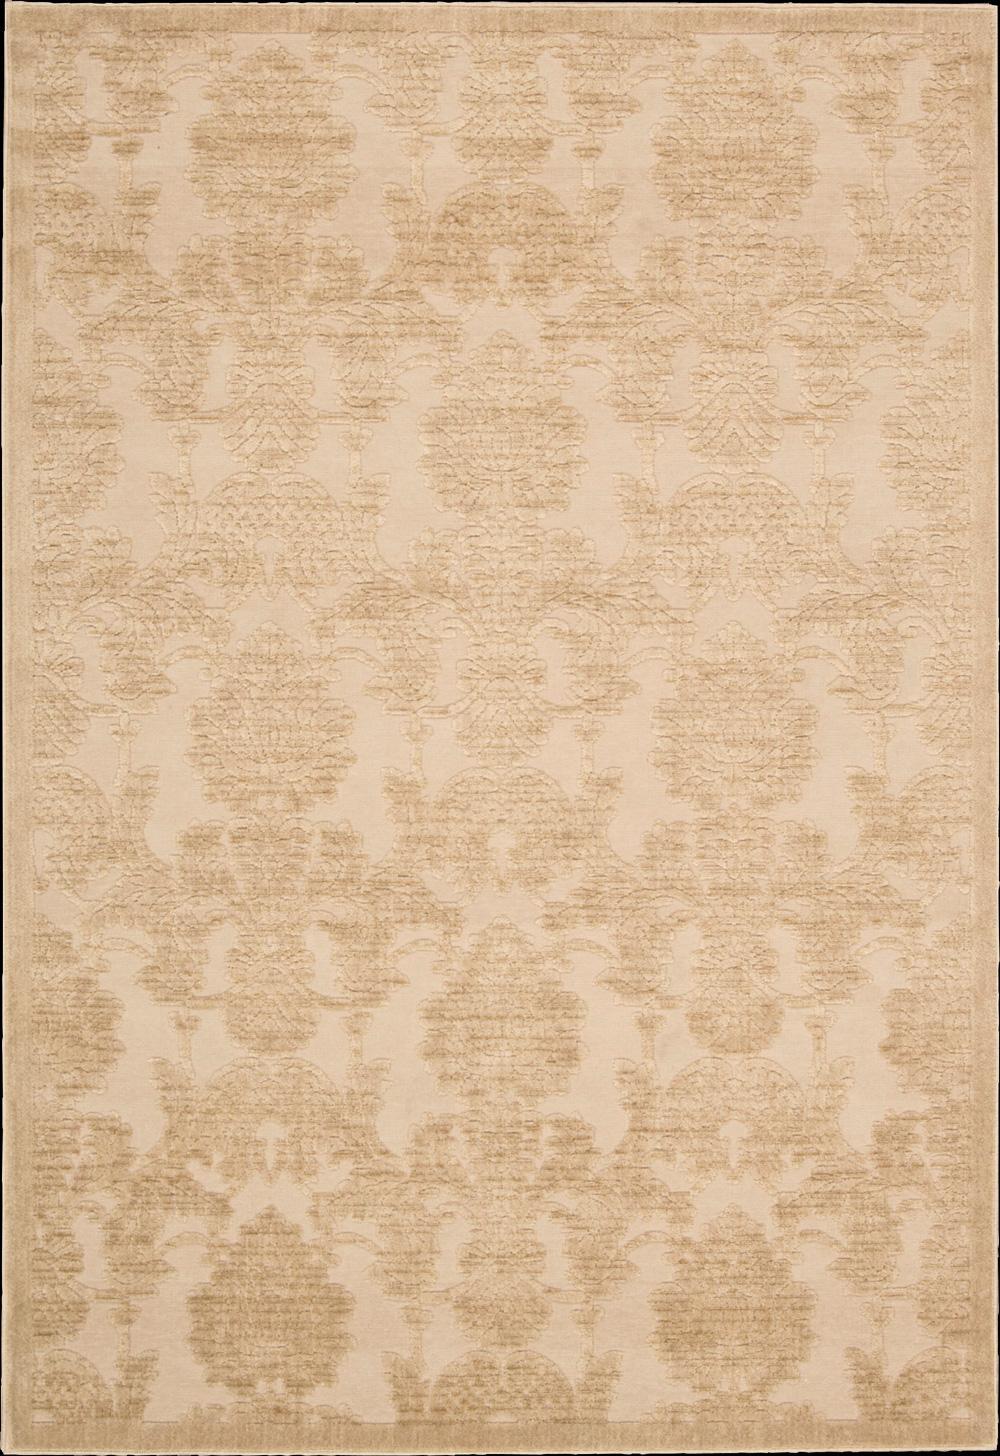 """Nourison Graphic Illusions Area Rug 5'3"""" x 7'5"""" - Item Number: 13516"""